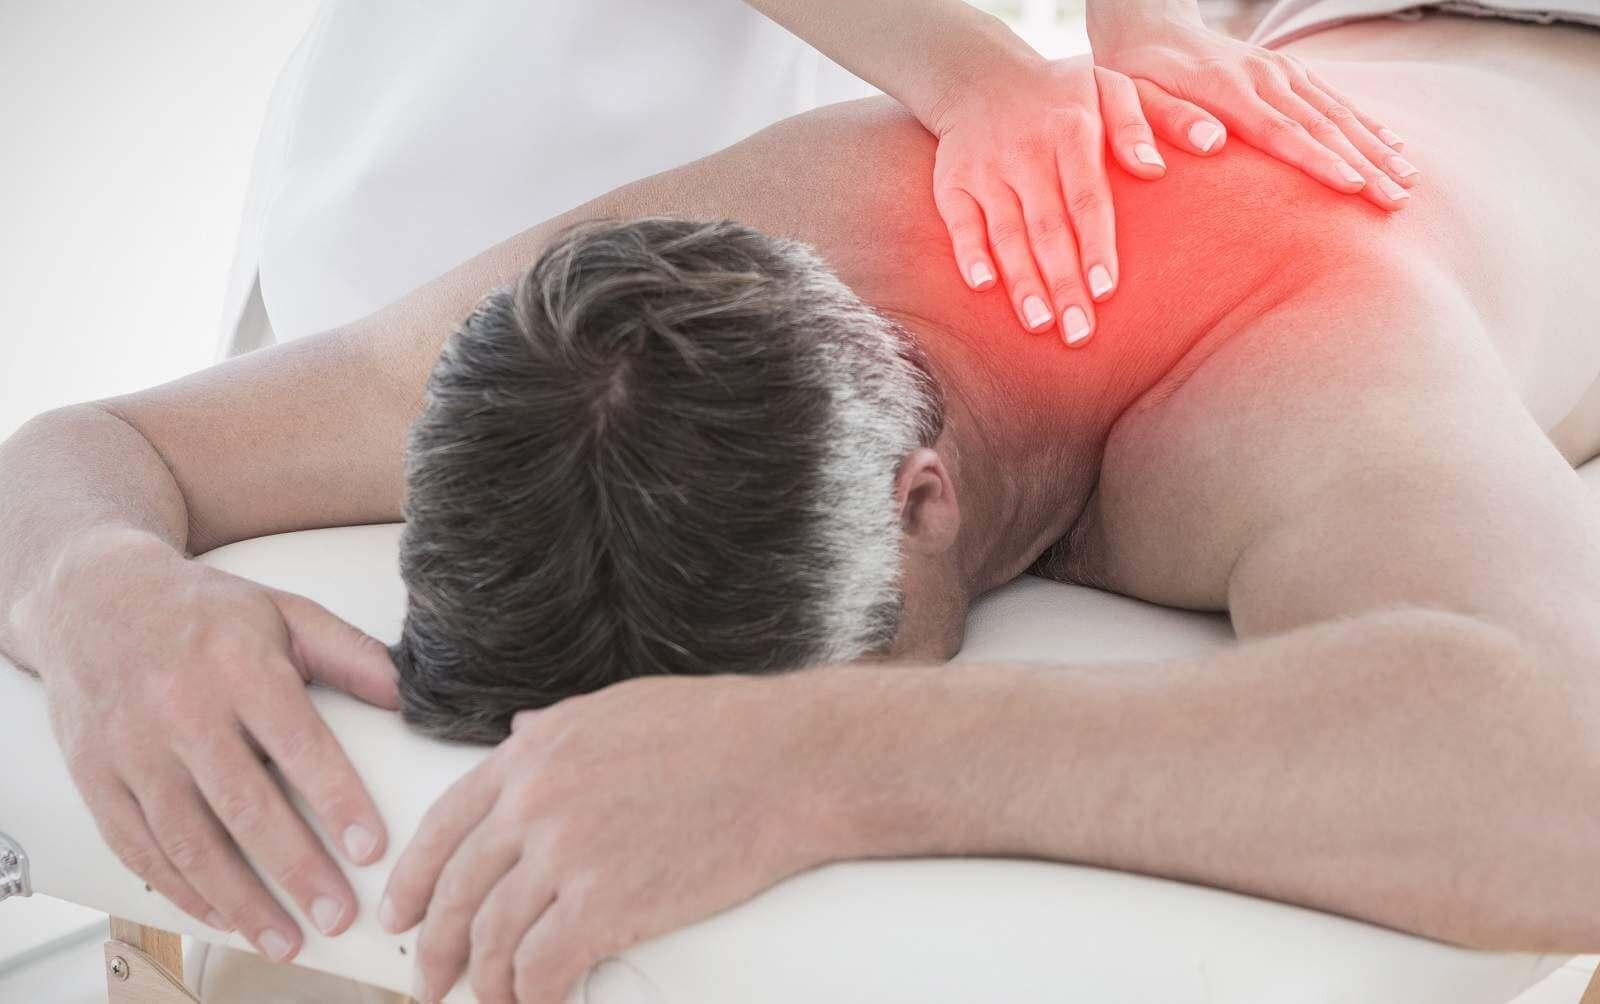 Пациент на процедуре массажа